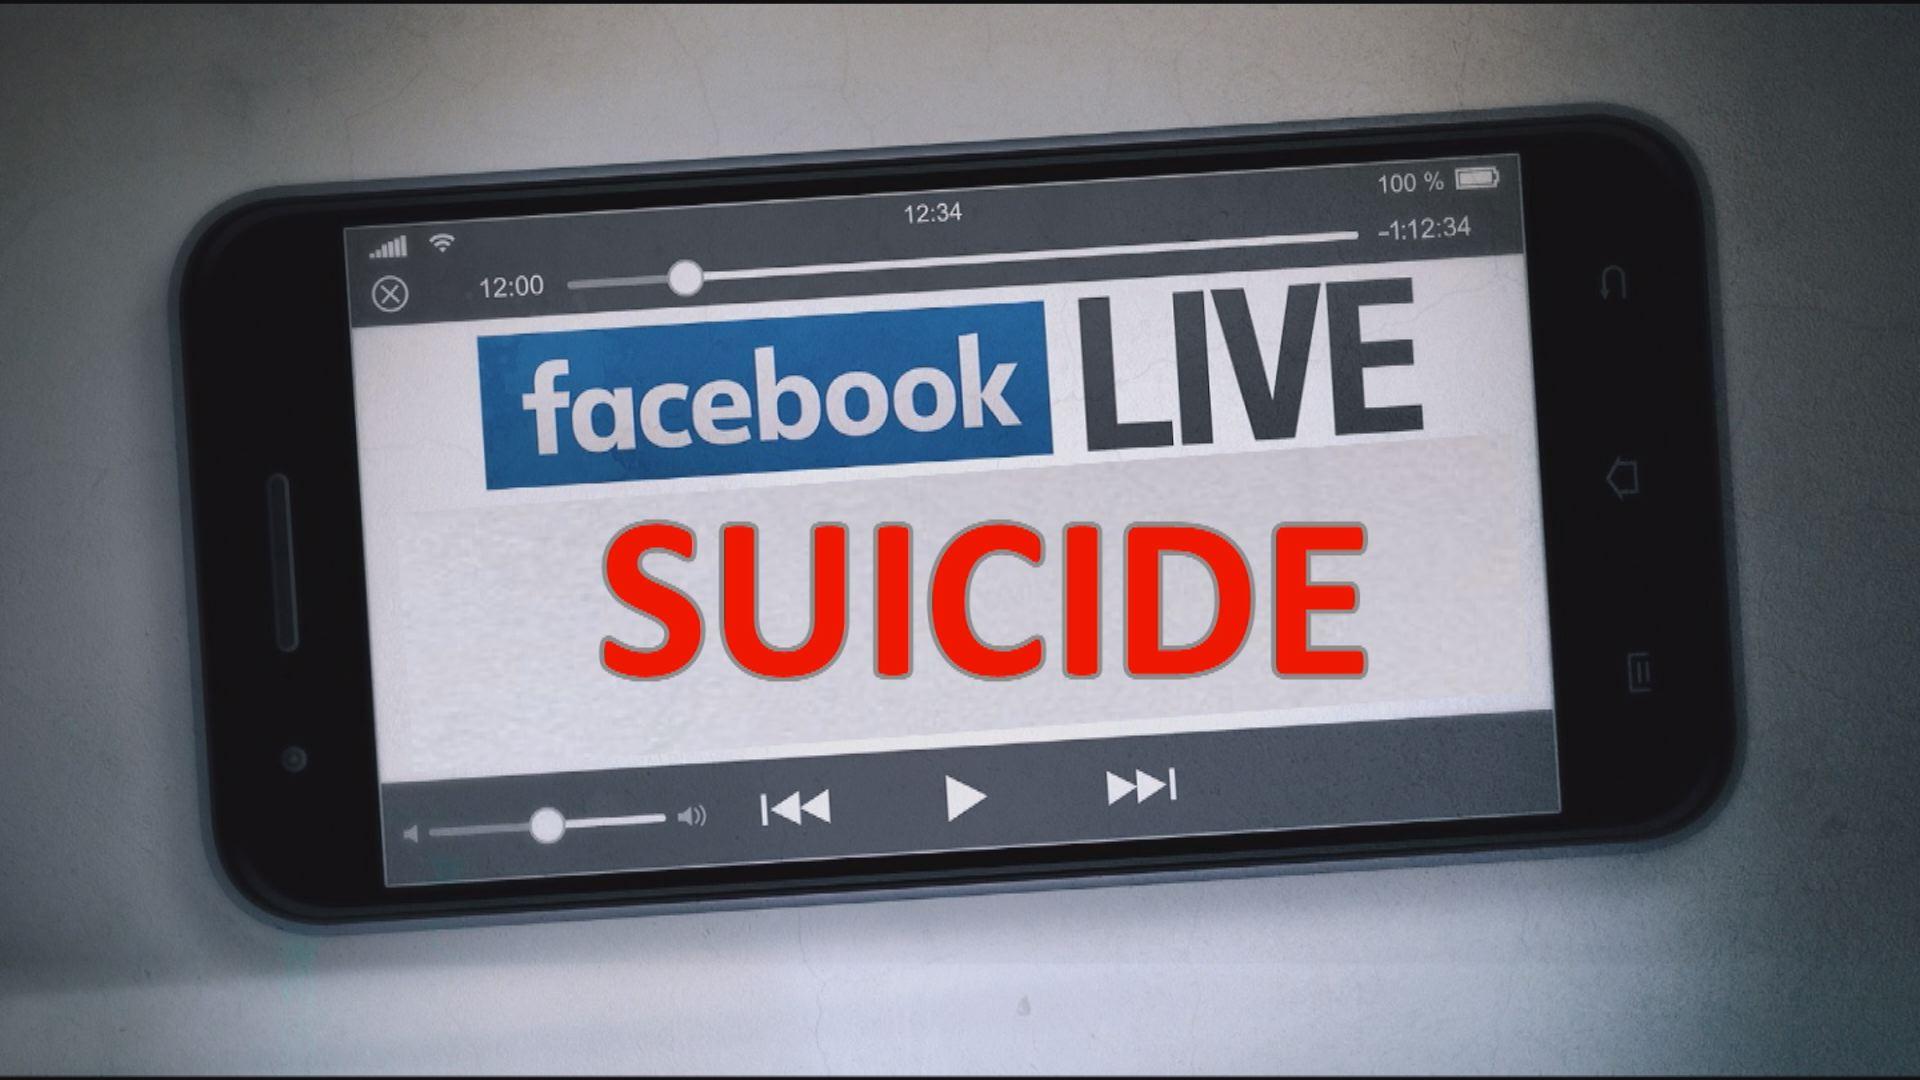 fACEBOOK LIVE SUICIDE_341745